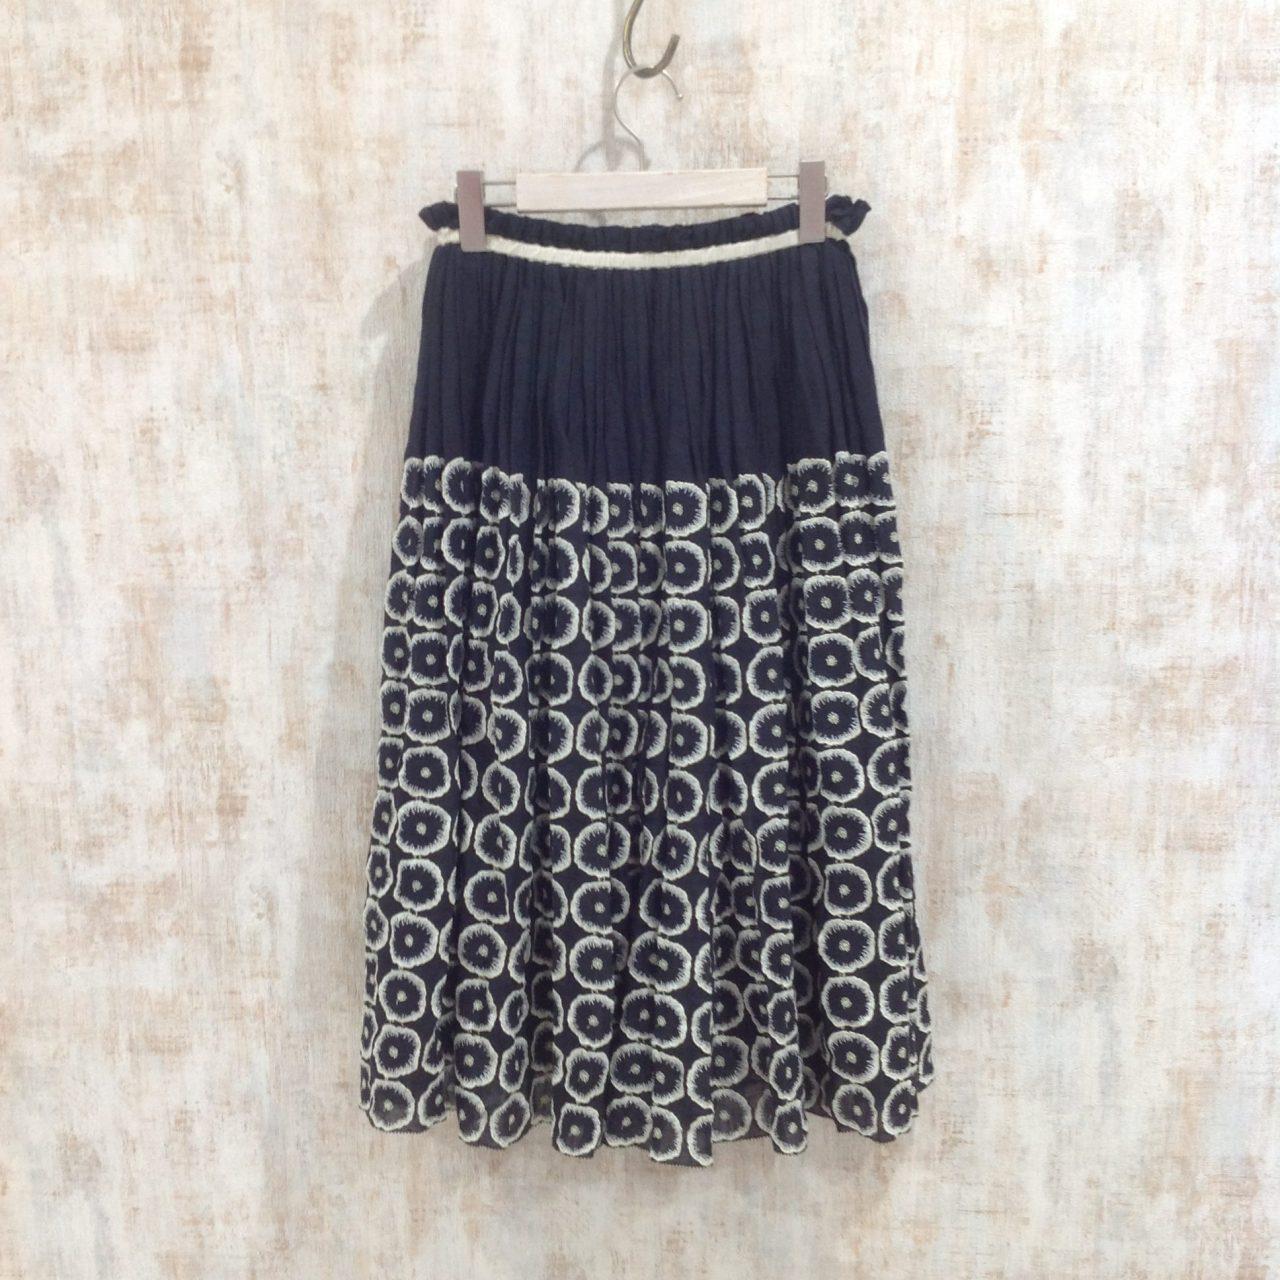 ミナペルホネンの素敵な刺繍スカート